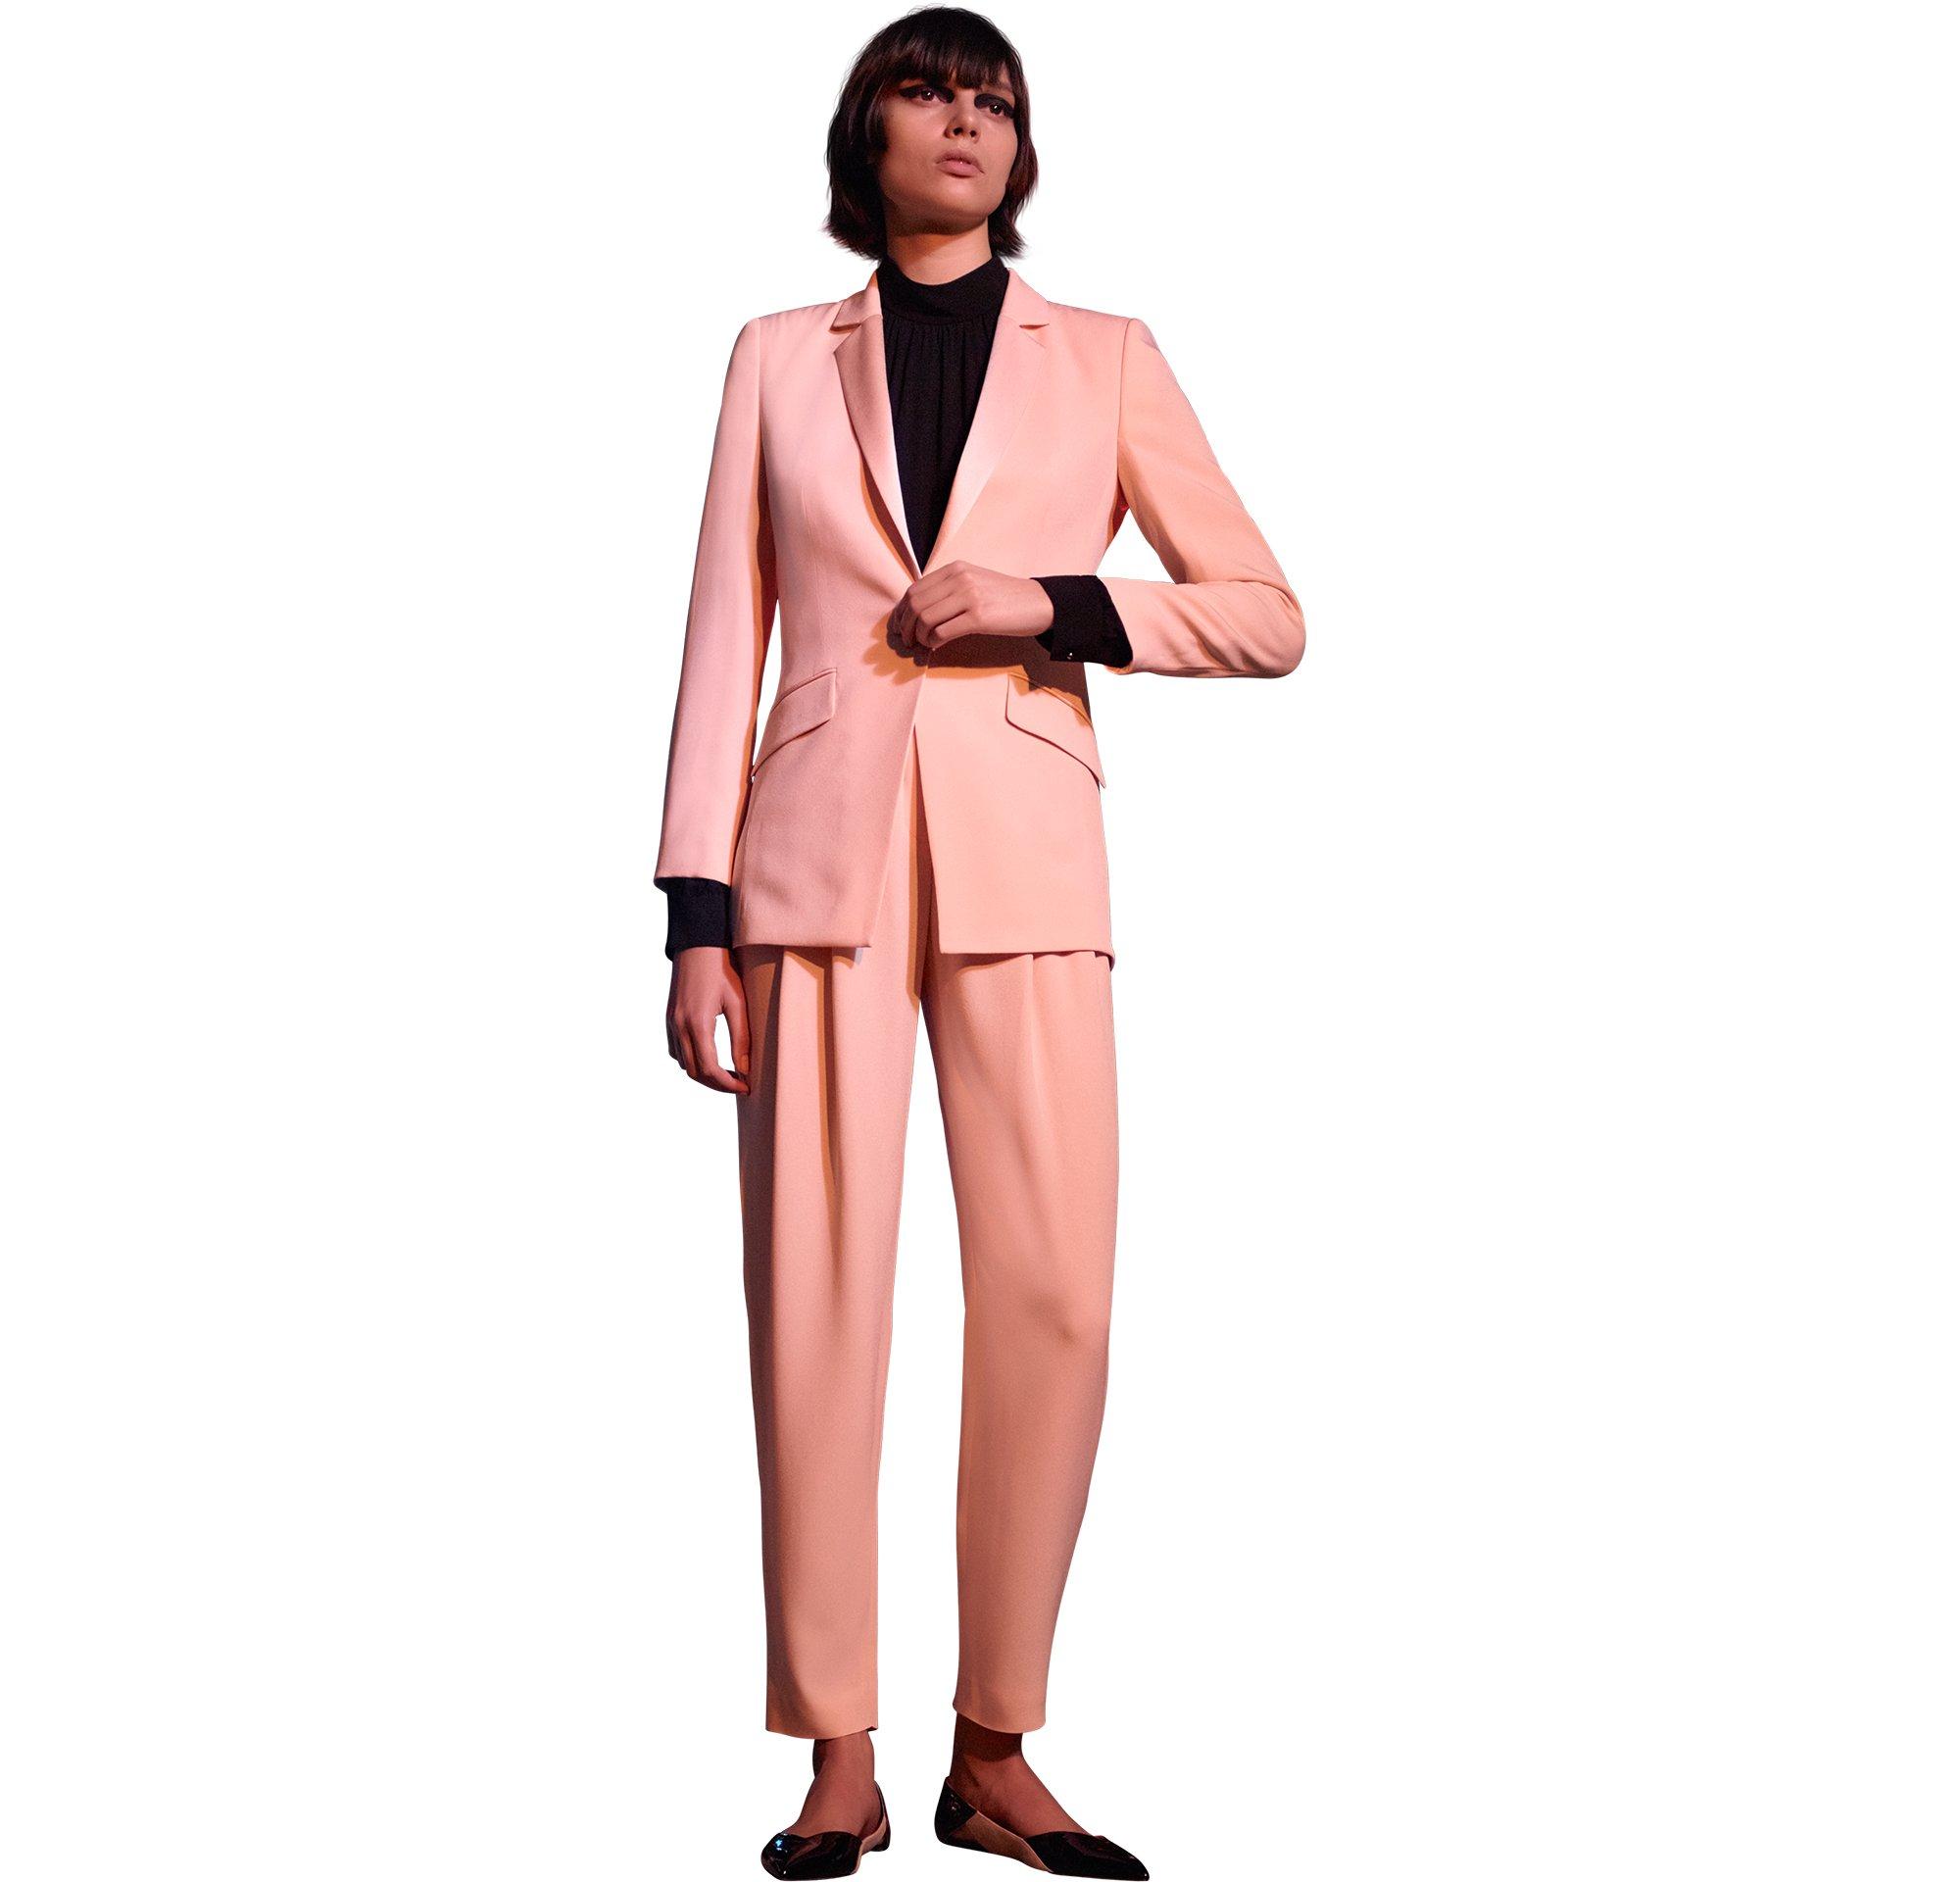 Rosa Jacke über schwarzem Top, rosa Hose und schwarze Schuhe von HUGO